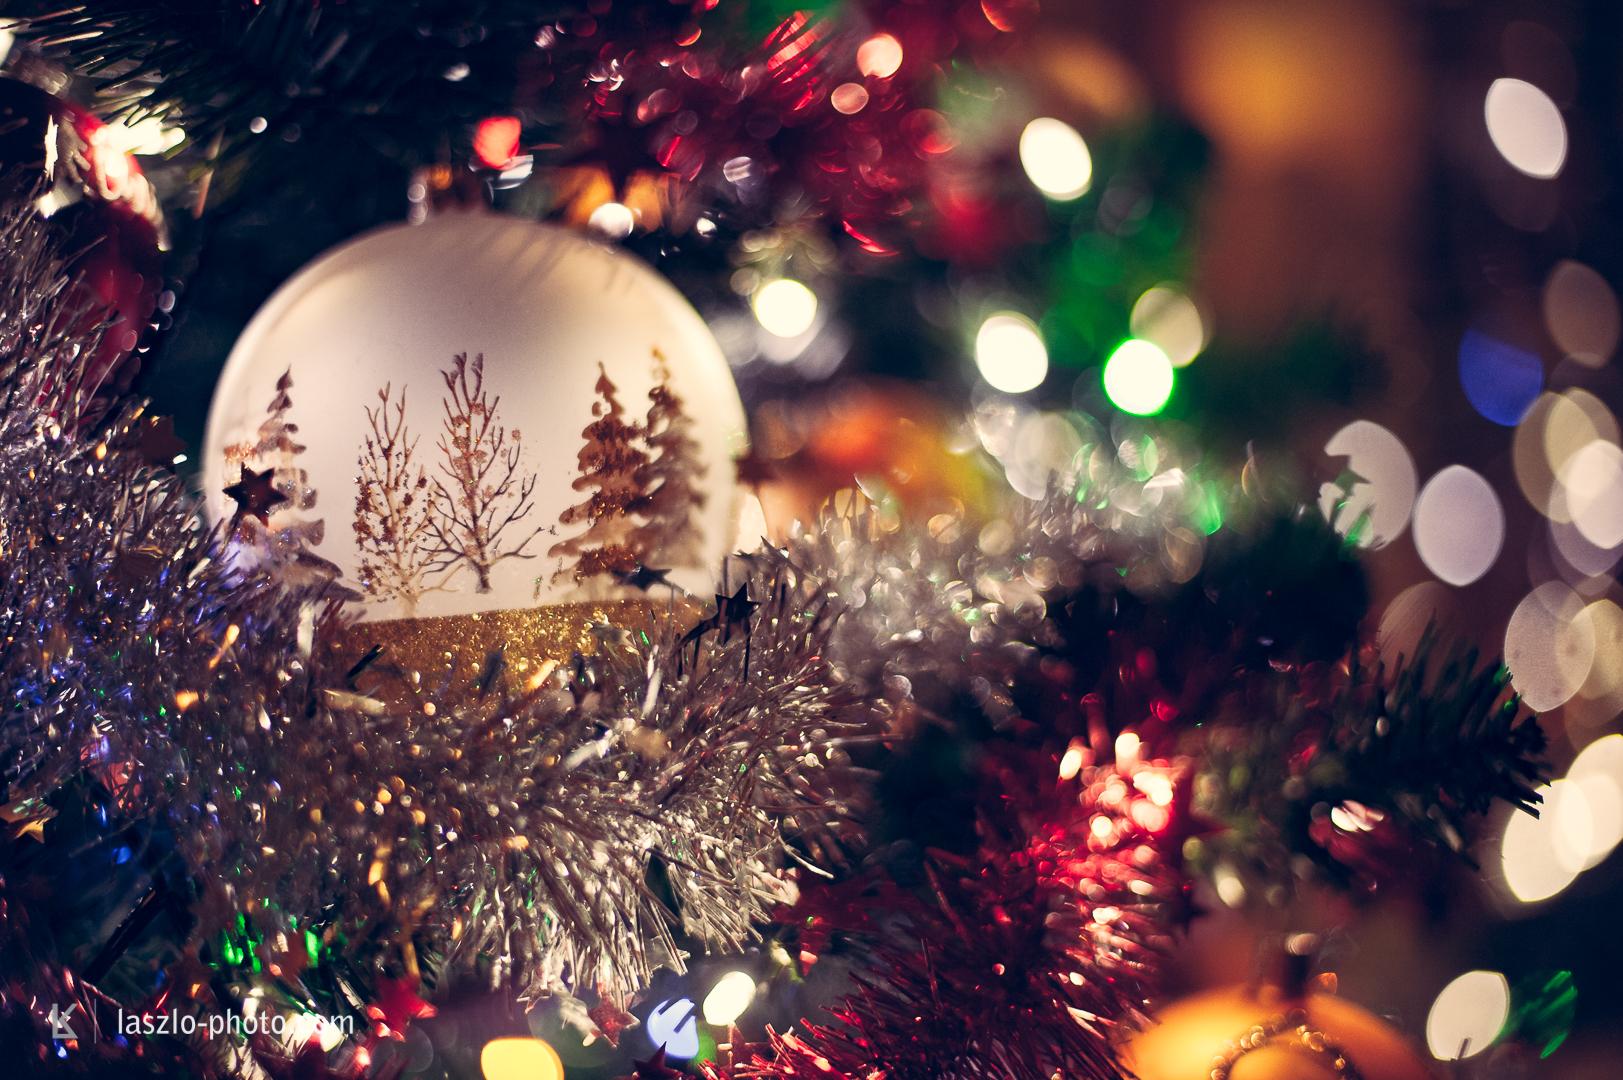 20161224_Weihnachten_Christbaum-4932